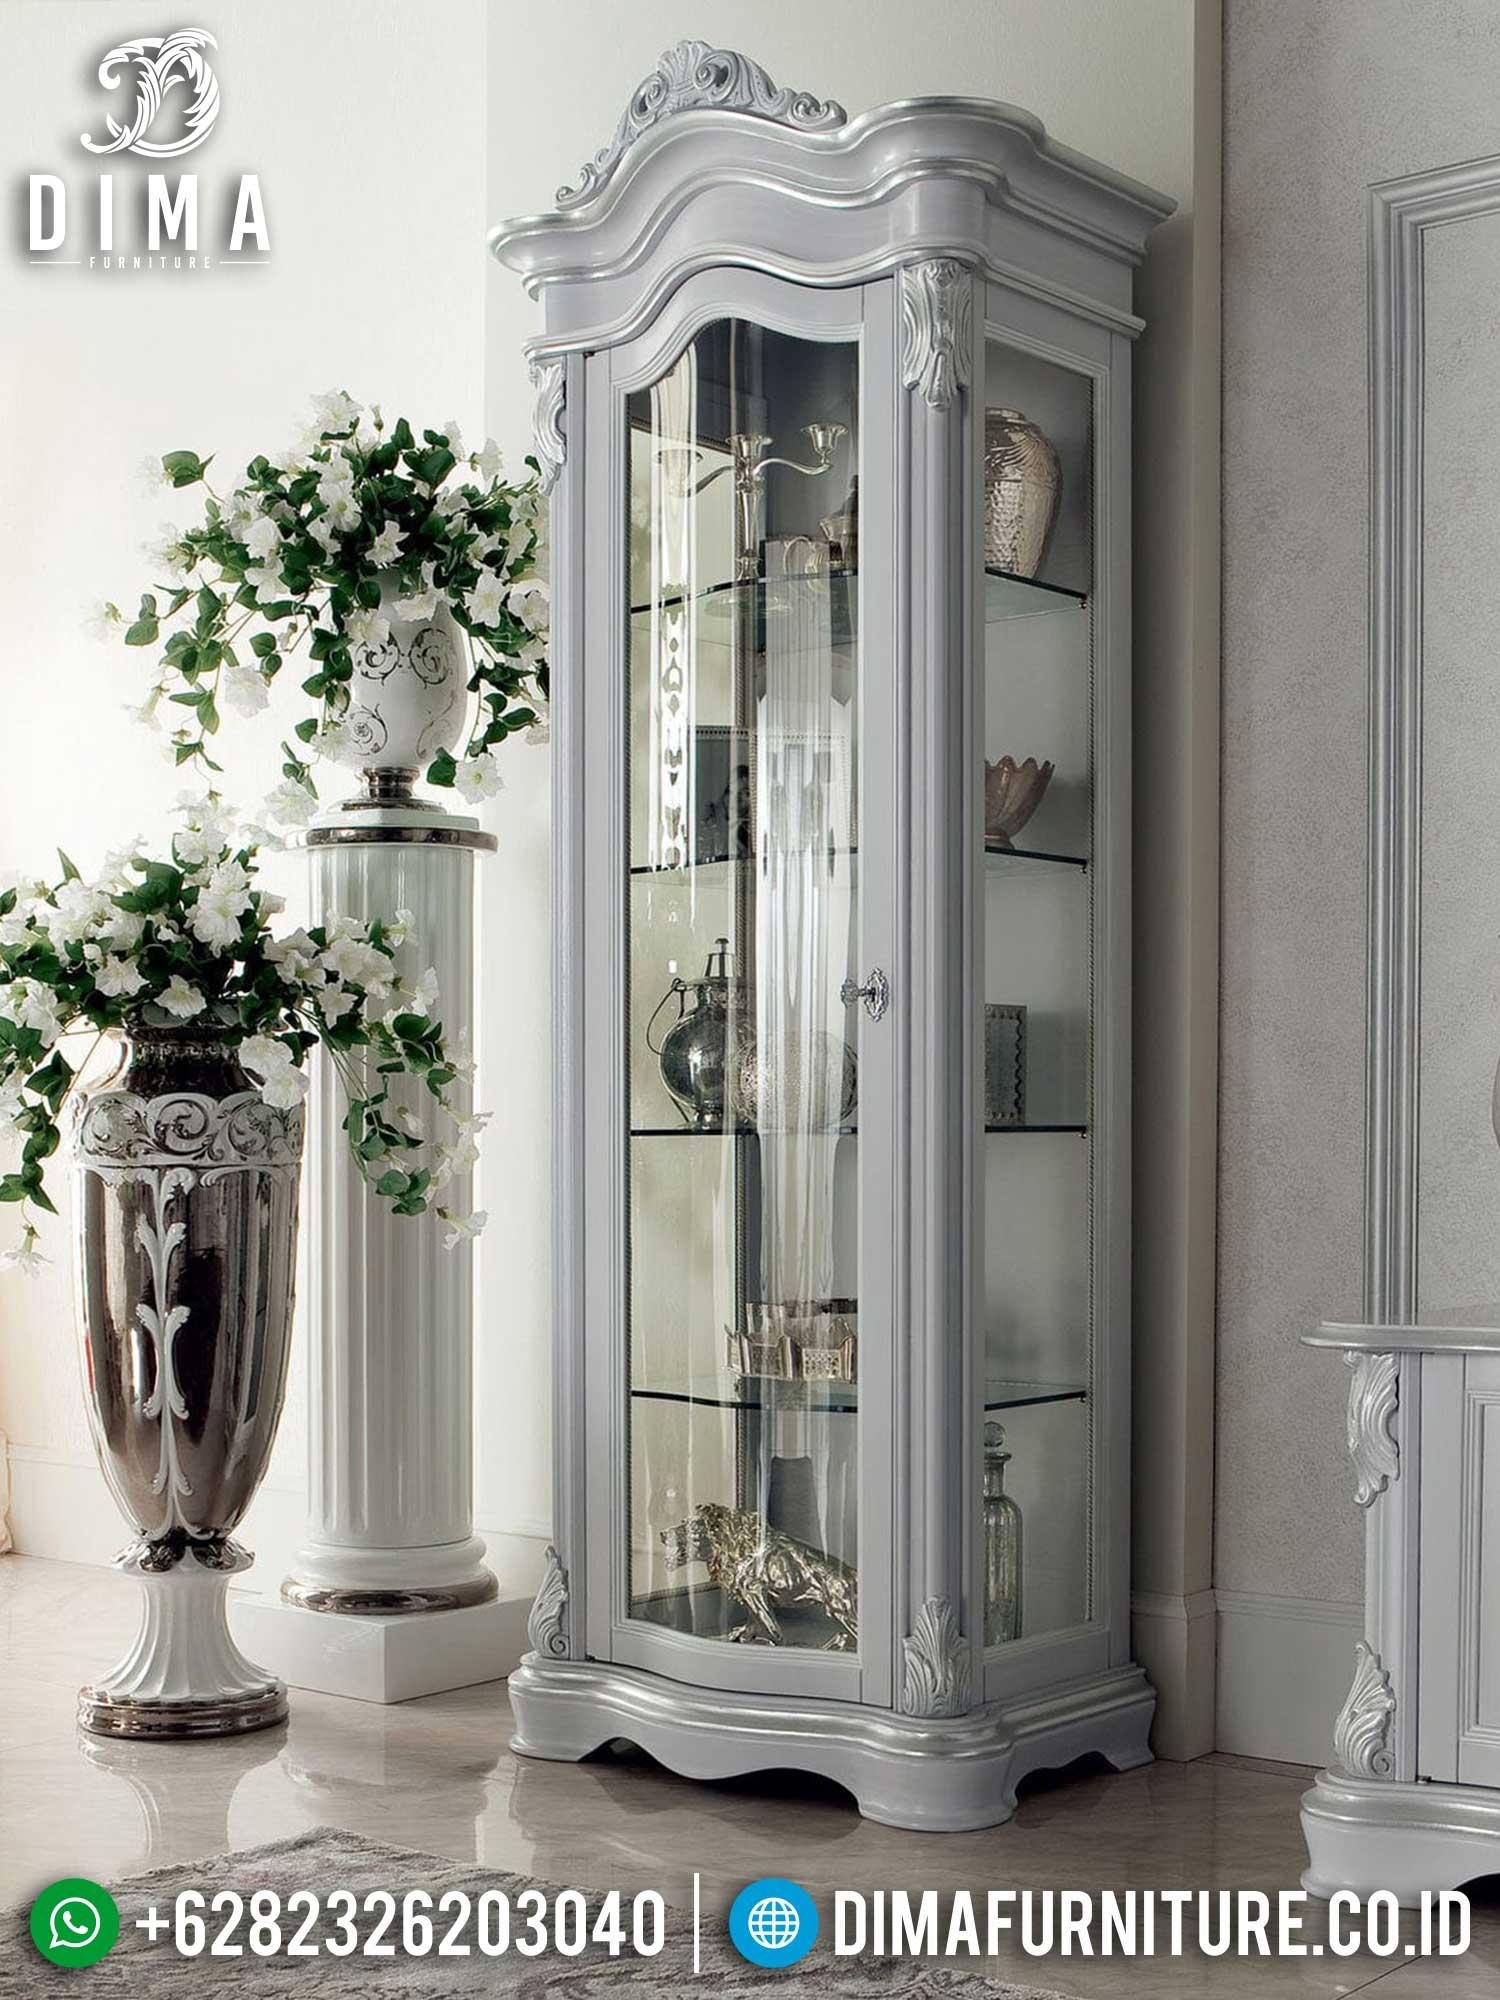 Lemari Hias Mewah Keren Luxury Set New Furniture Jepara Item TTJ-1462